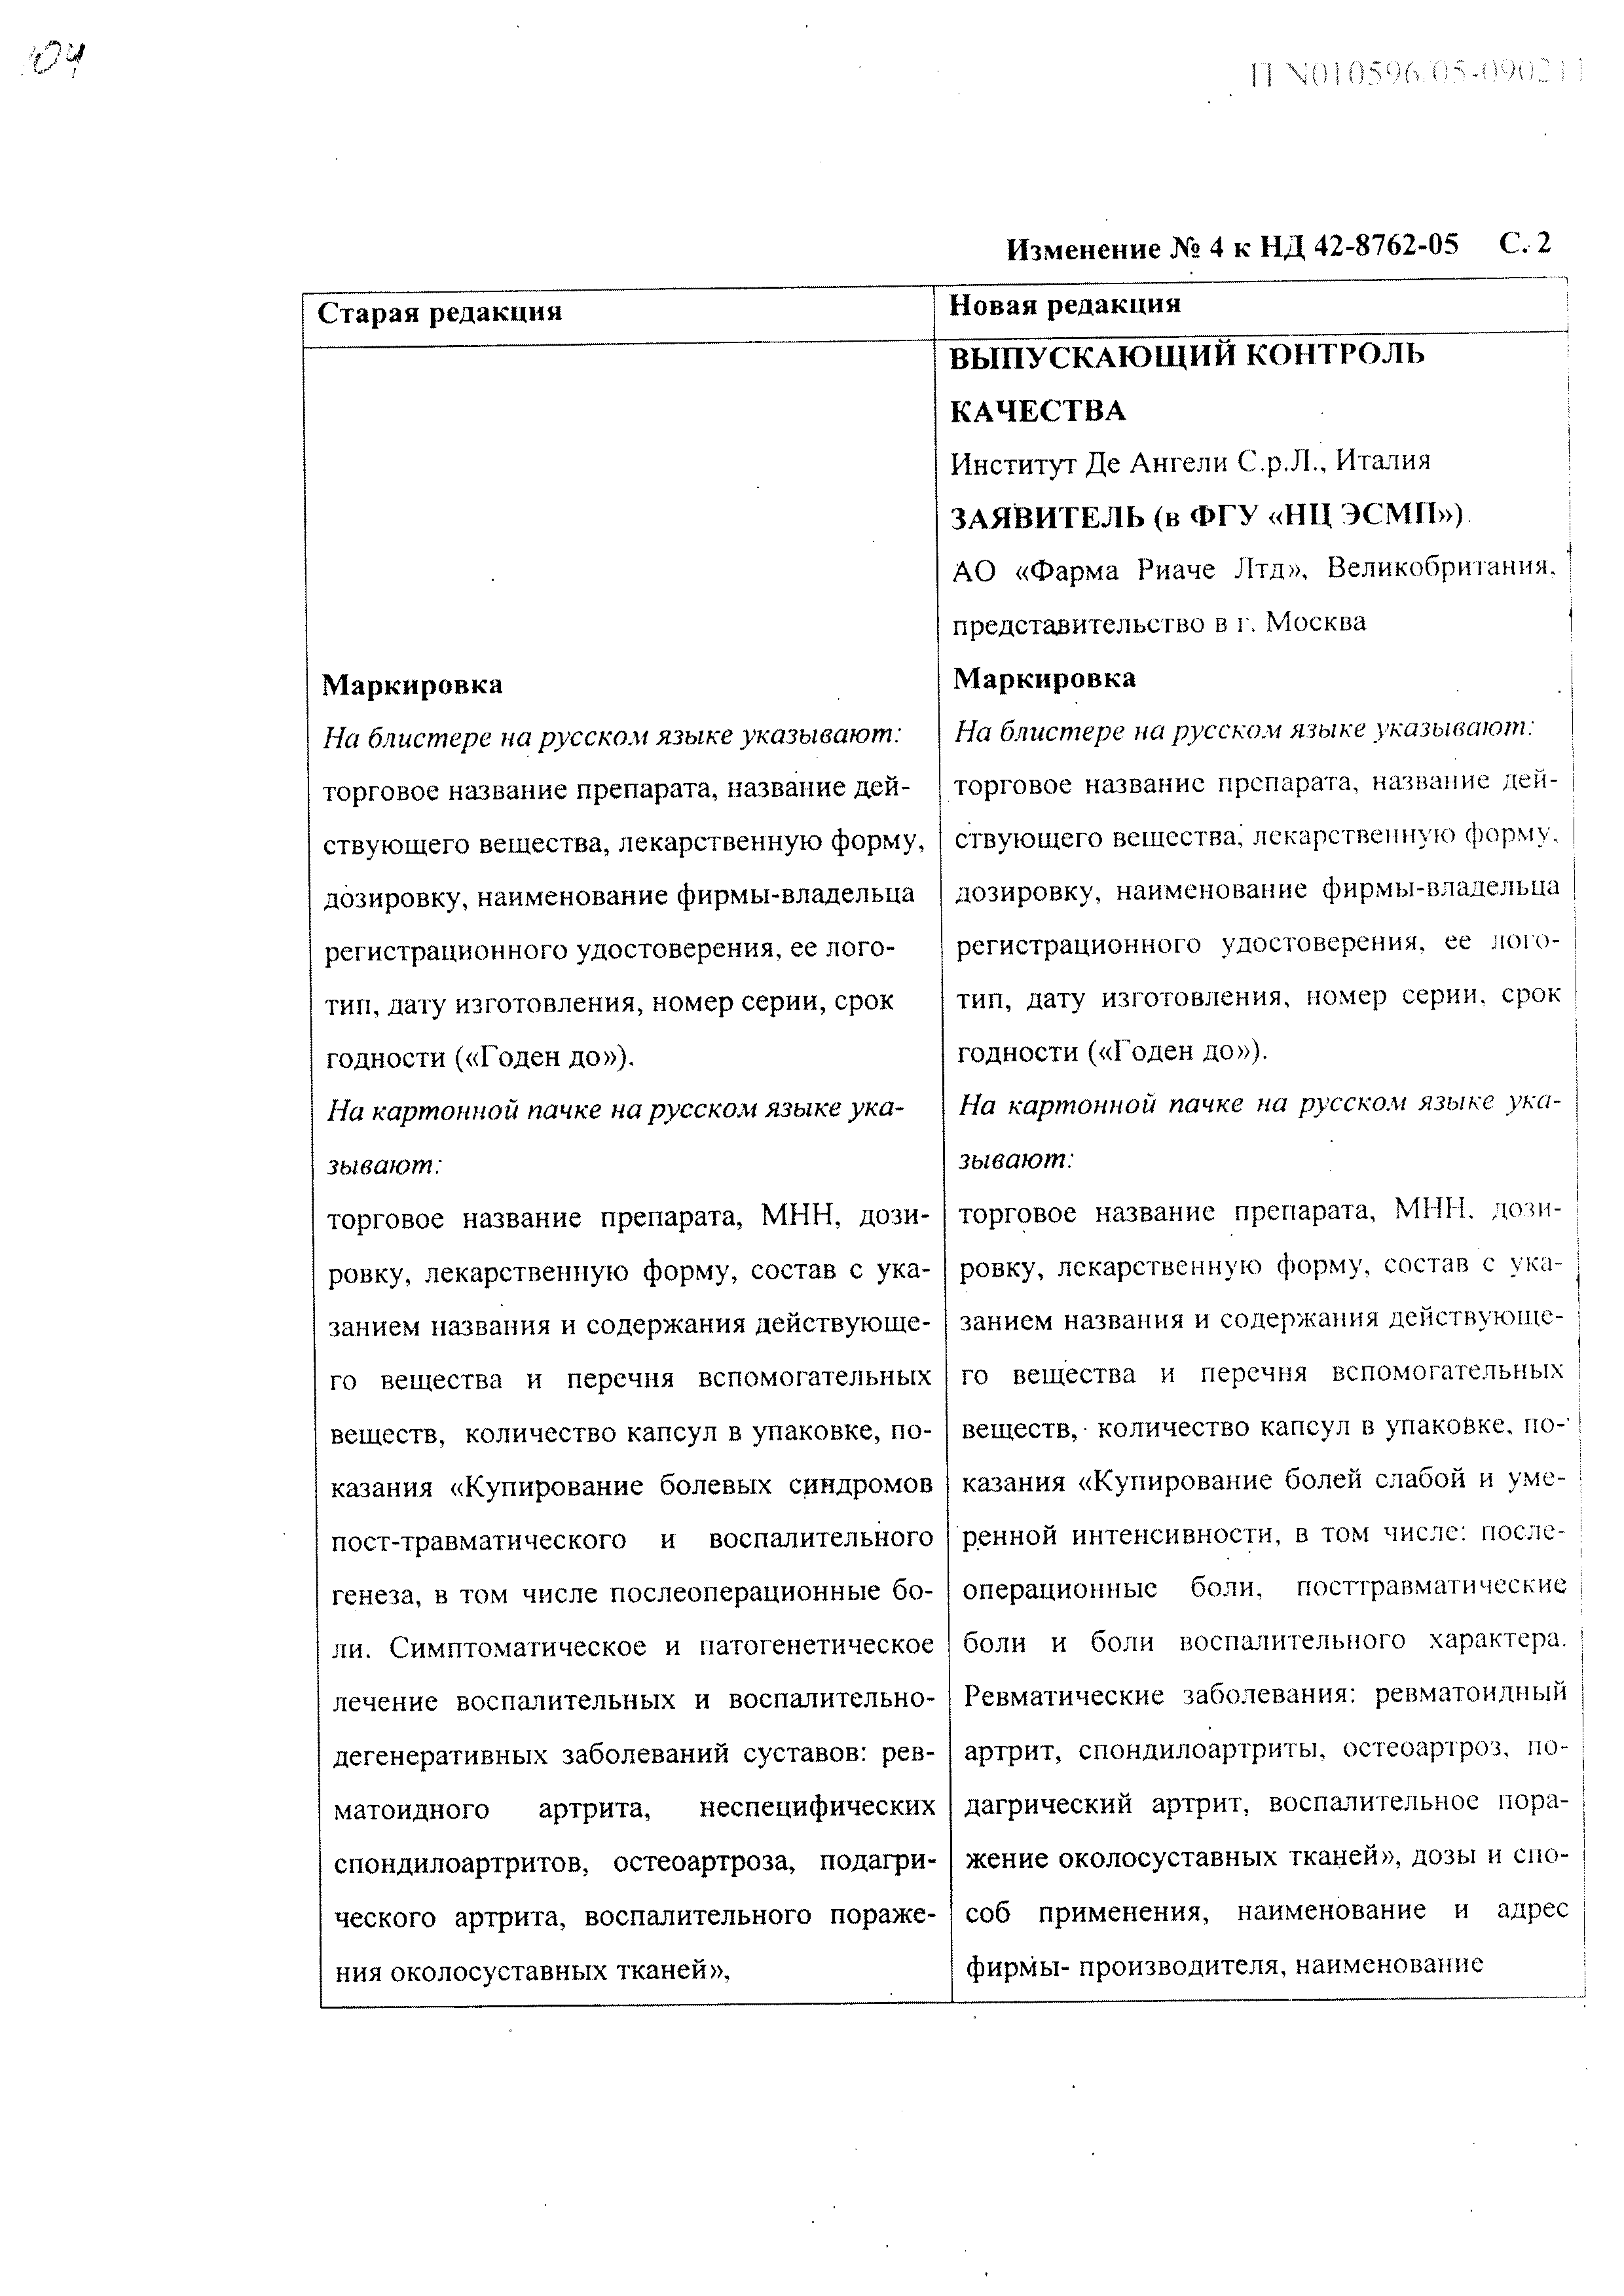 Артрозилен сертификат